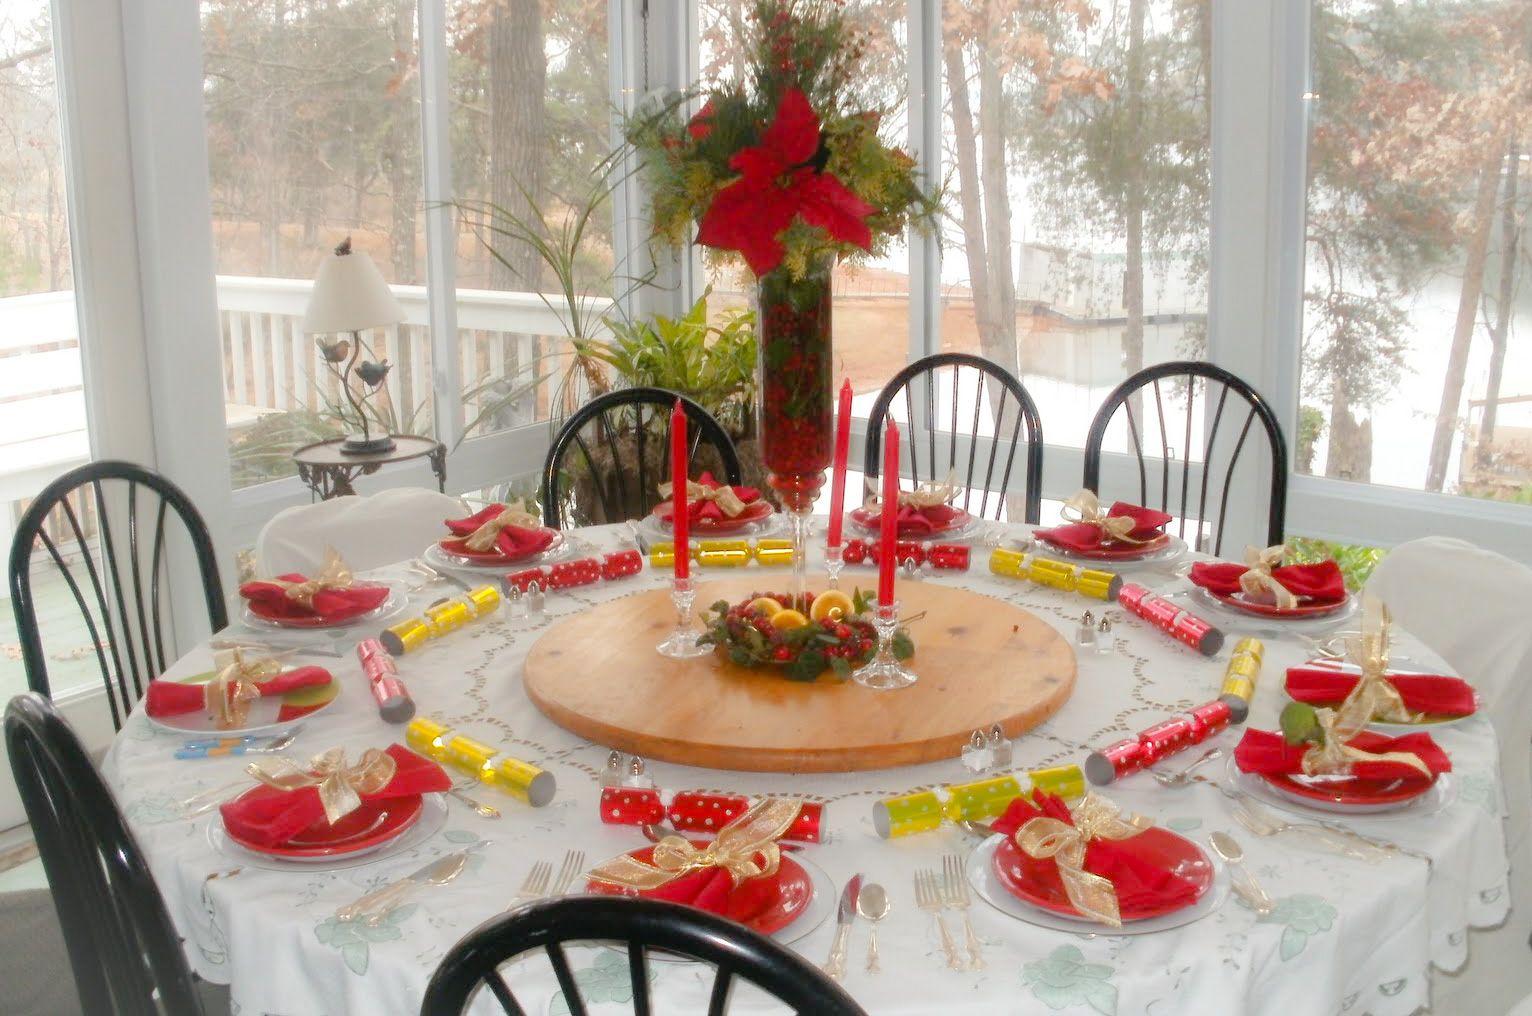 Increibles como decorar la mesa de navidad fotos - Como decorar la mesa de navidad ...